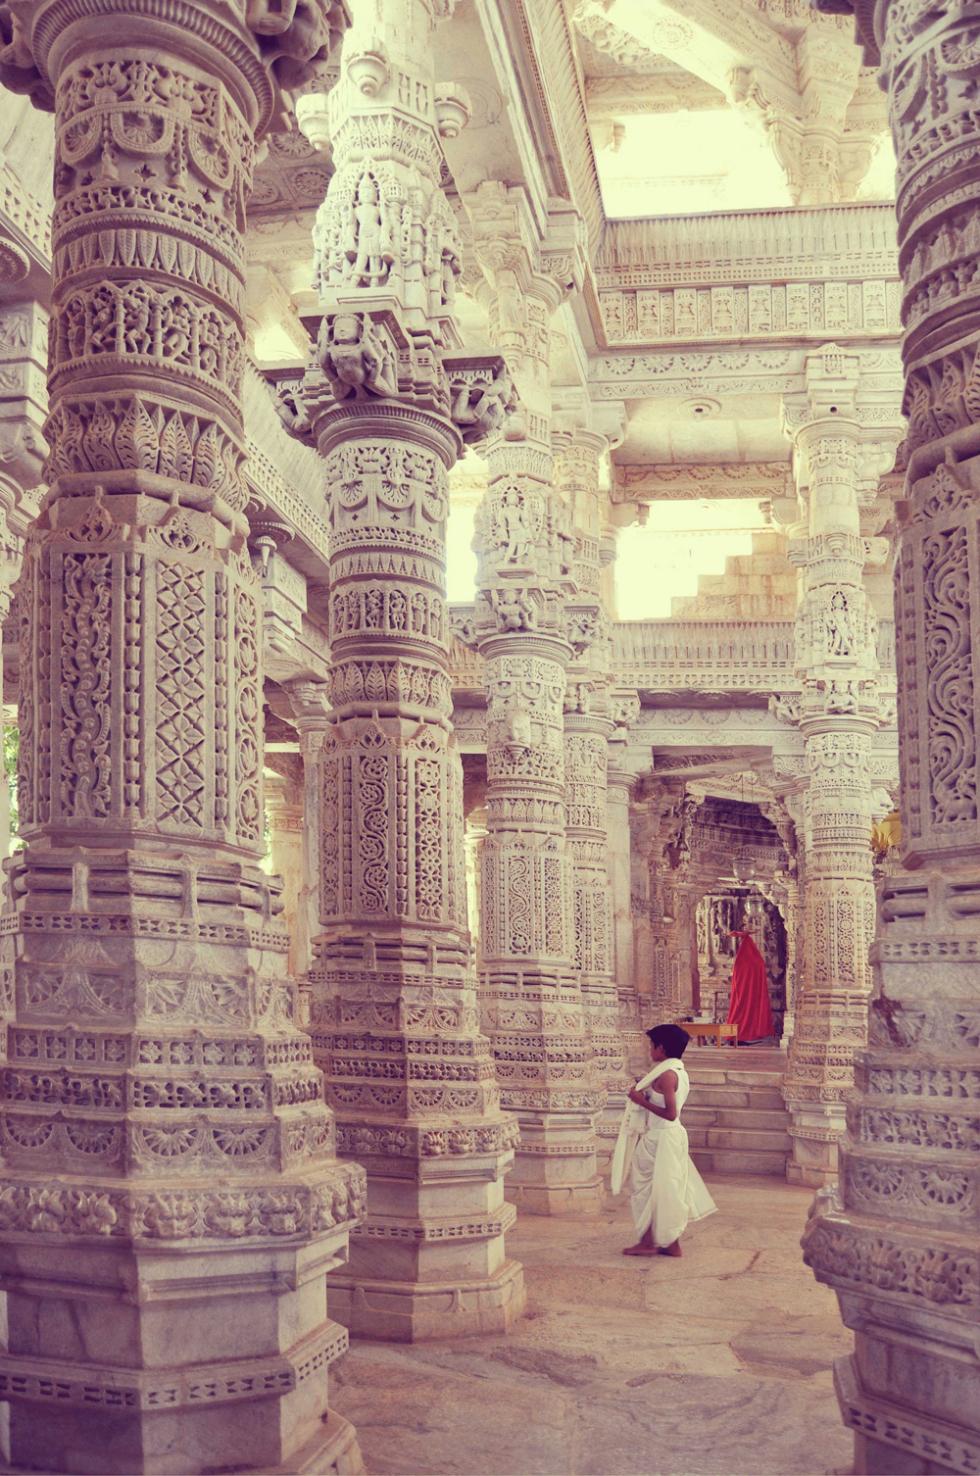 Jain Temple, Ranakpur, Rajasthan, India